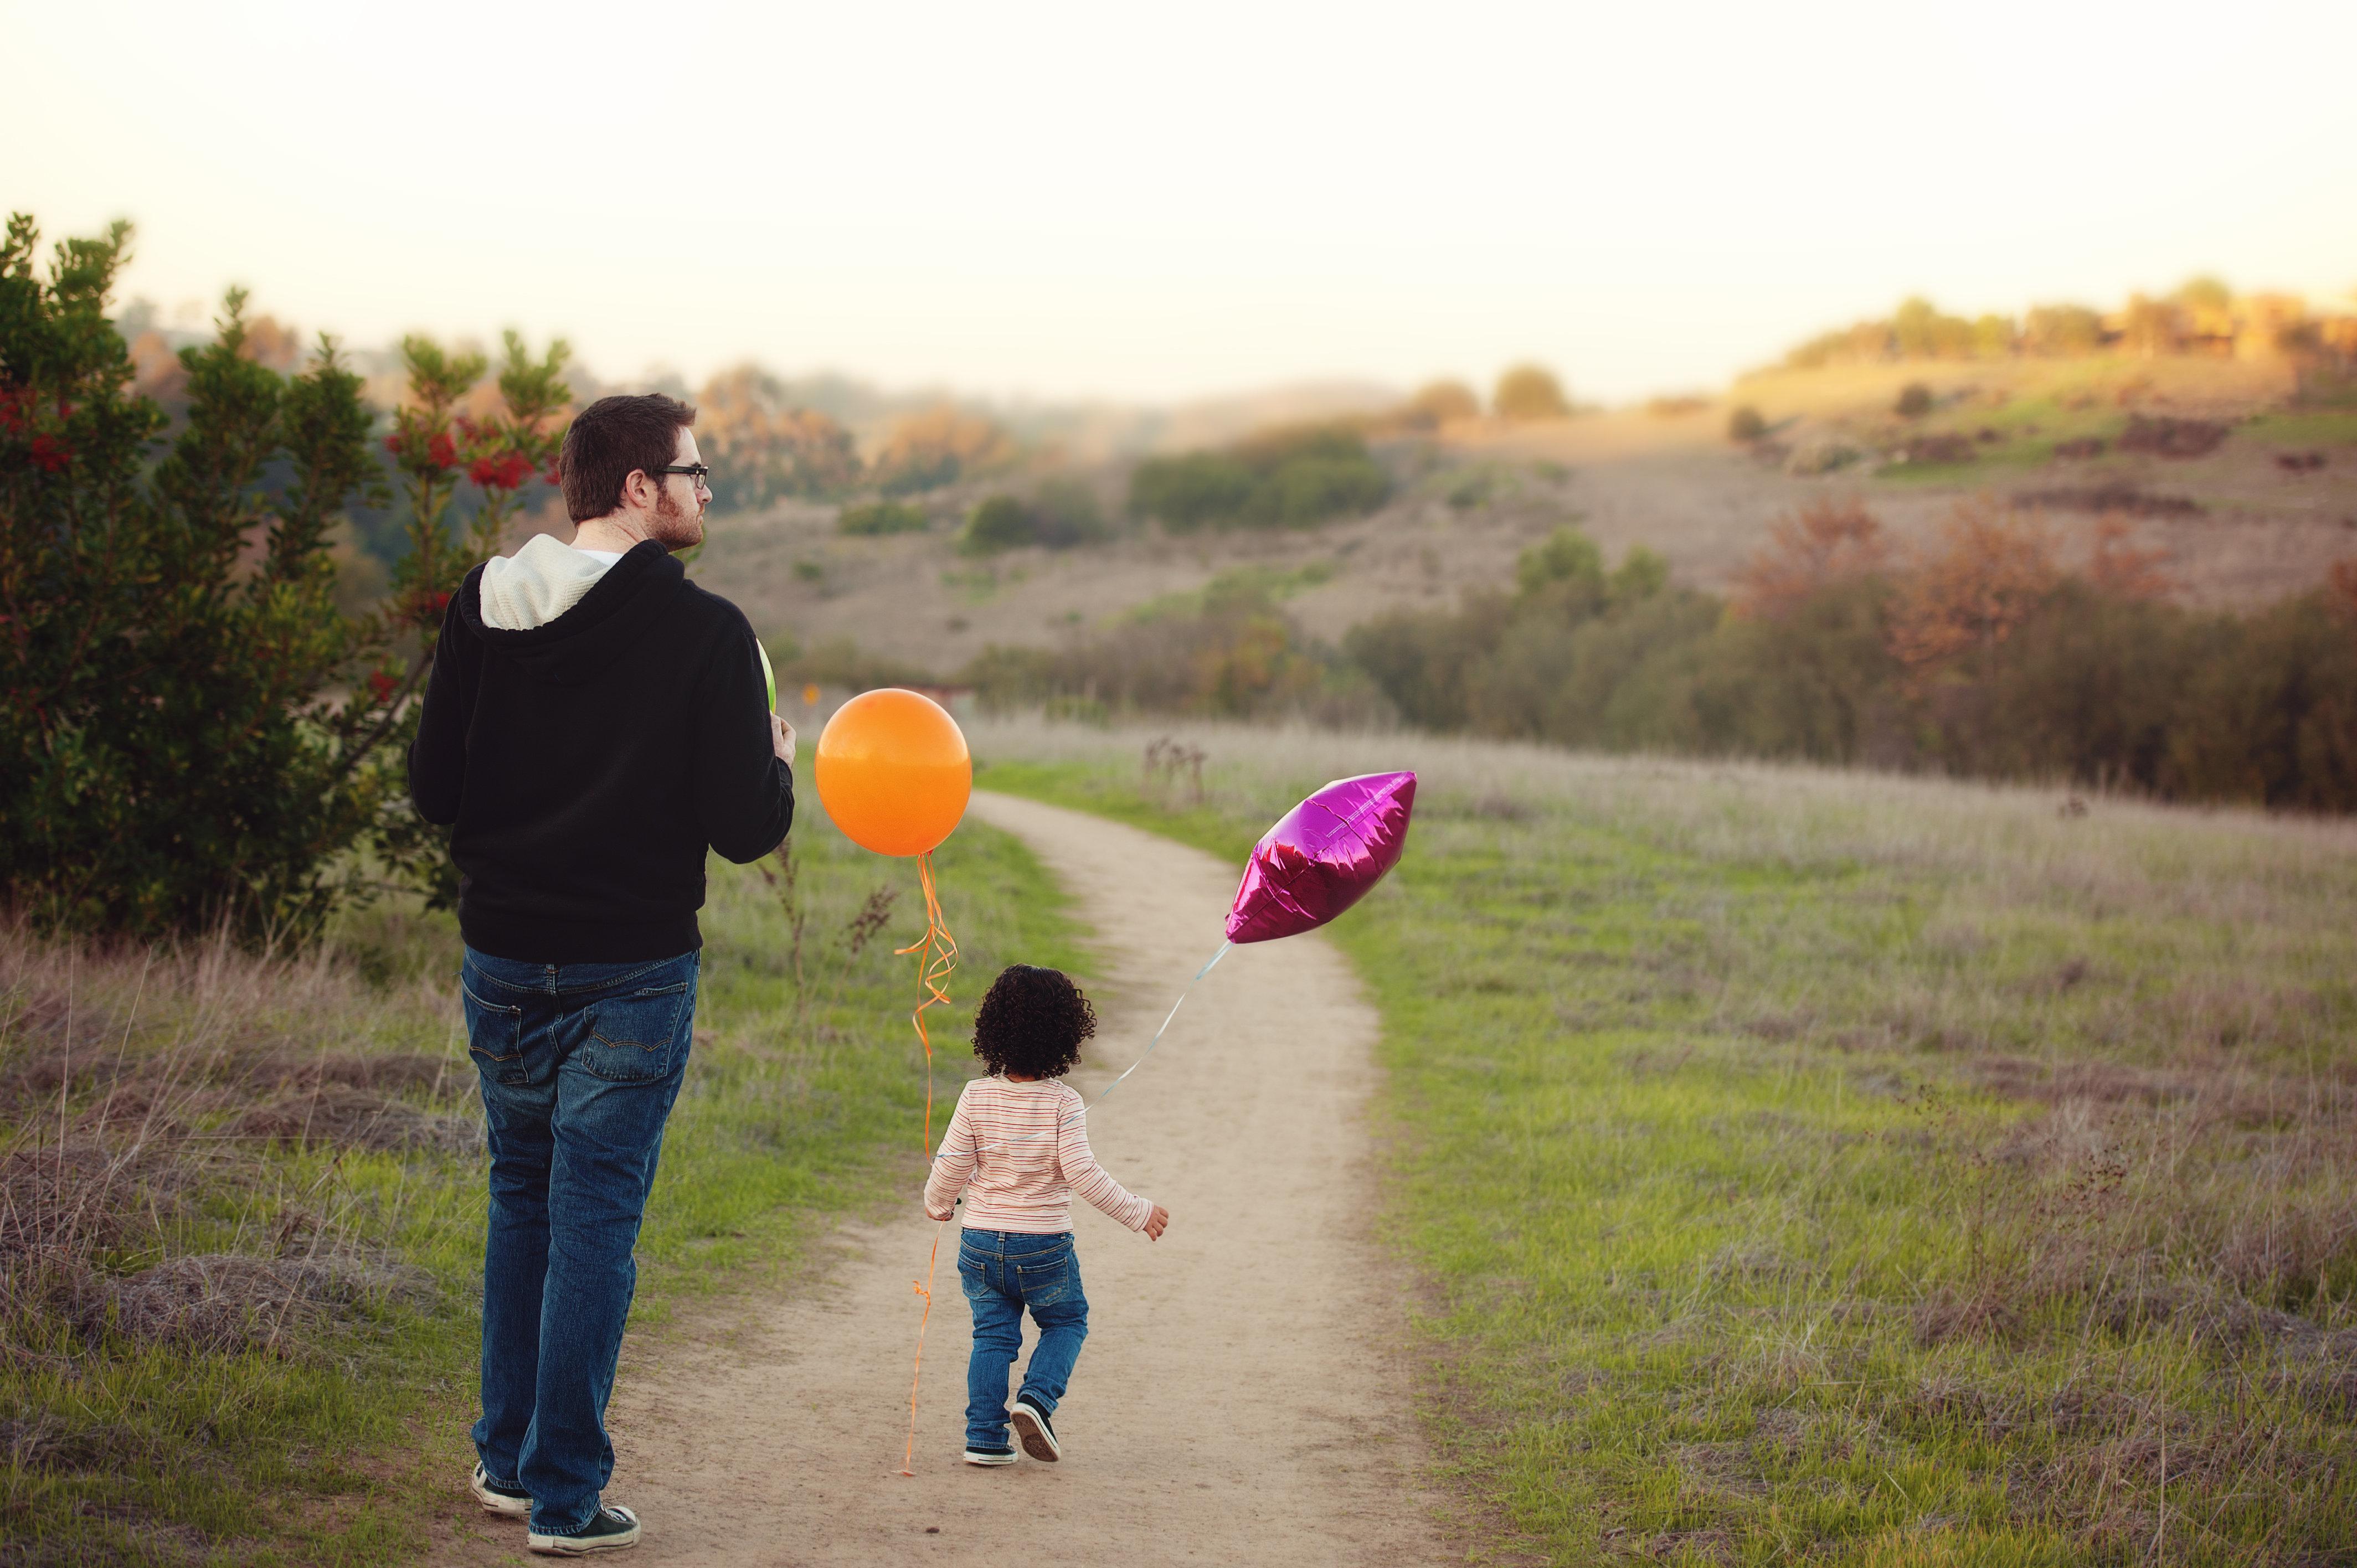 Vater postet Foto seiner Tochter auf Facebook - jetzt könnte er dafür ins Gefängnis